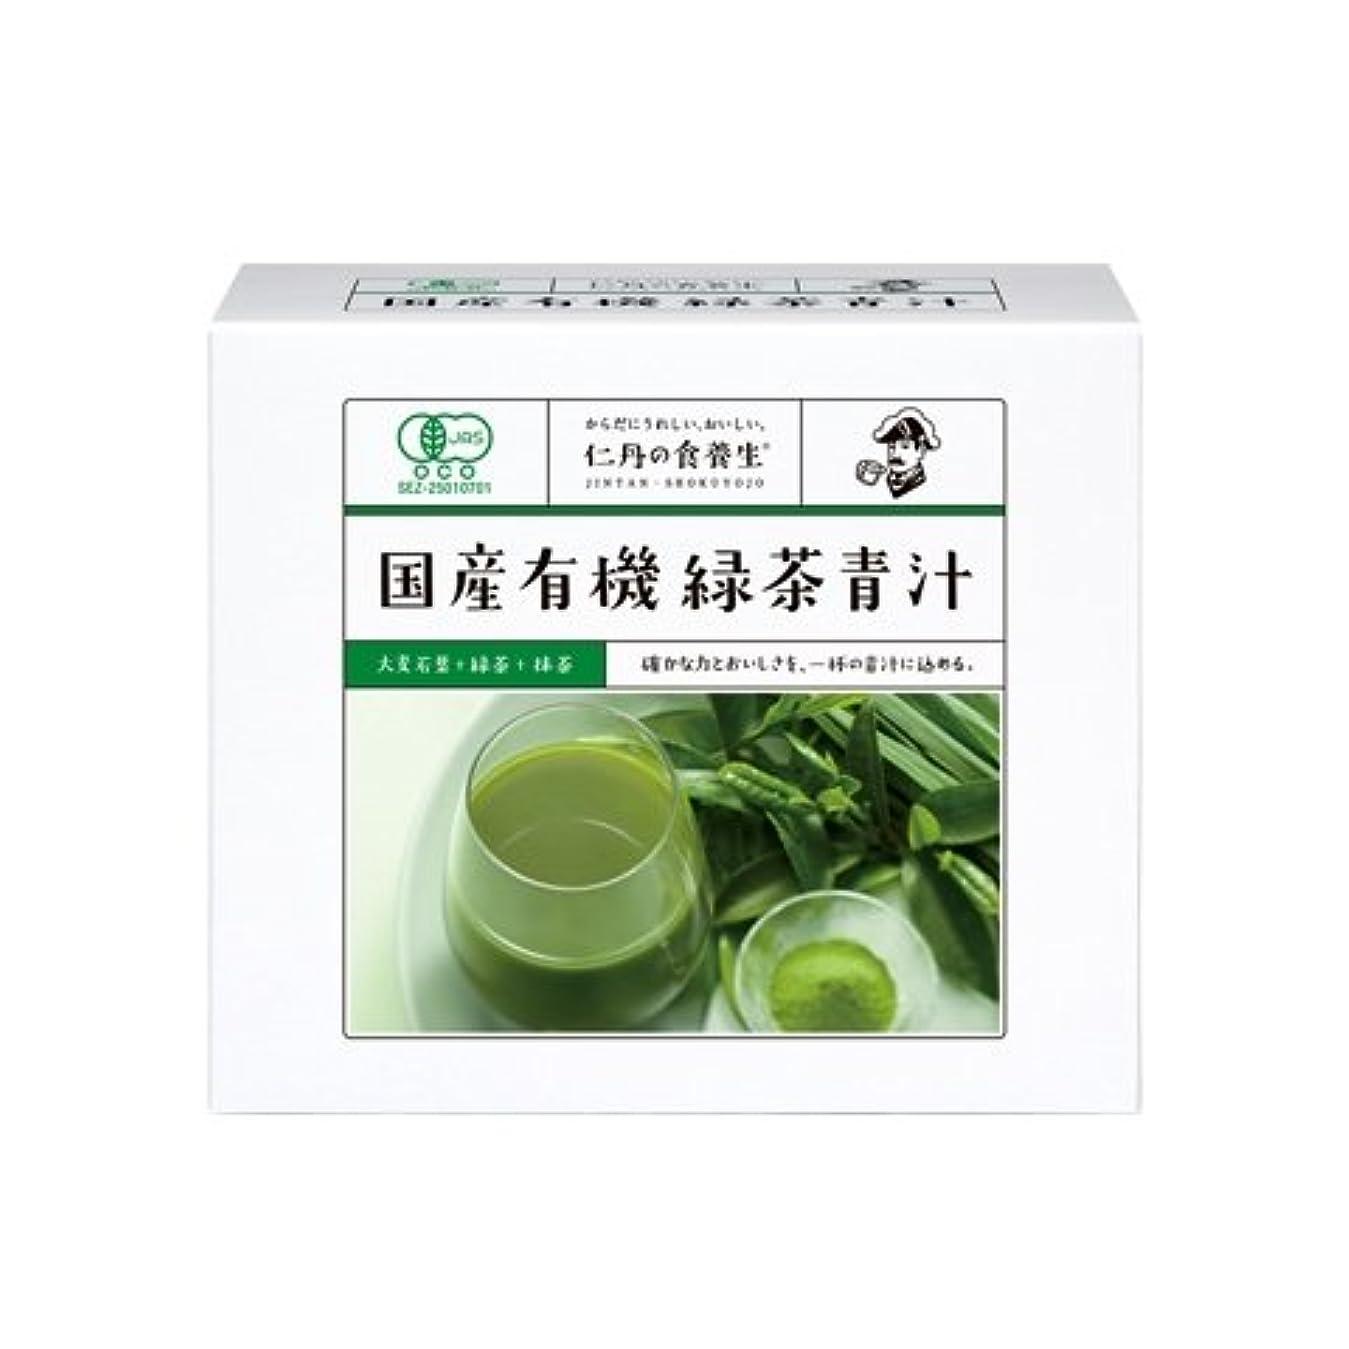 交換可能ランドリージョブ森下仁丹 国産有機緑茶青汁60包